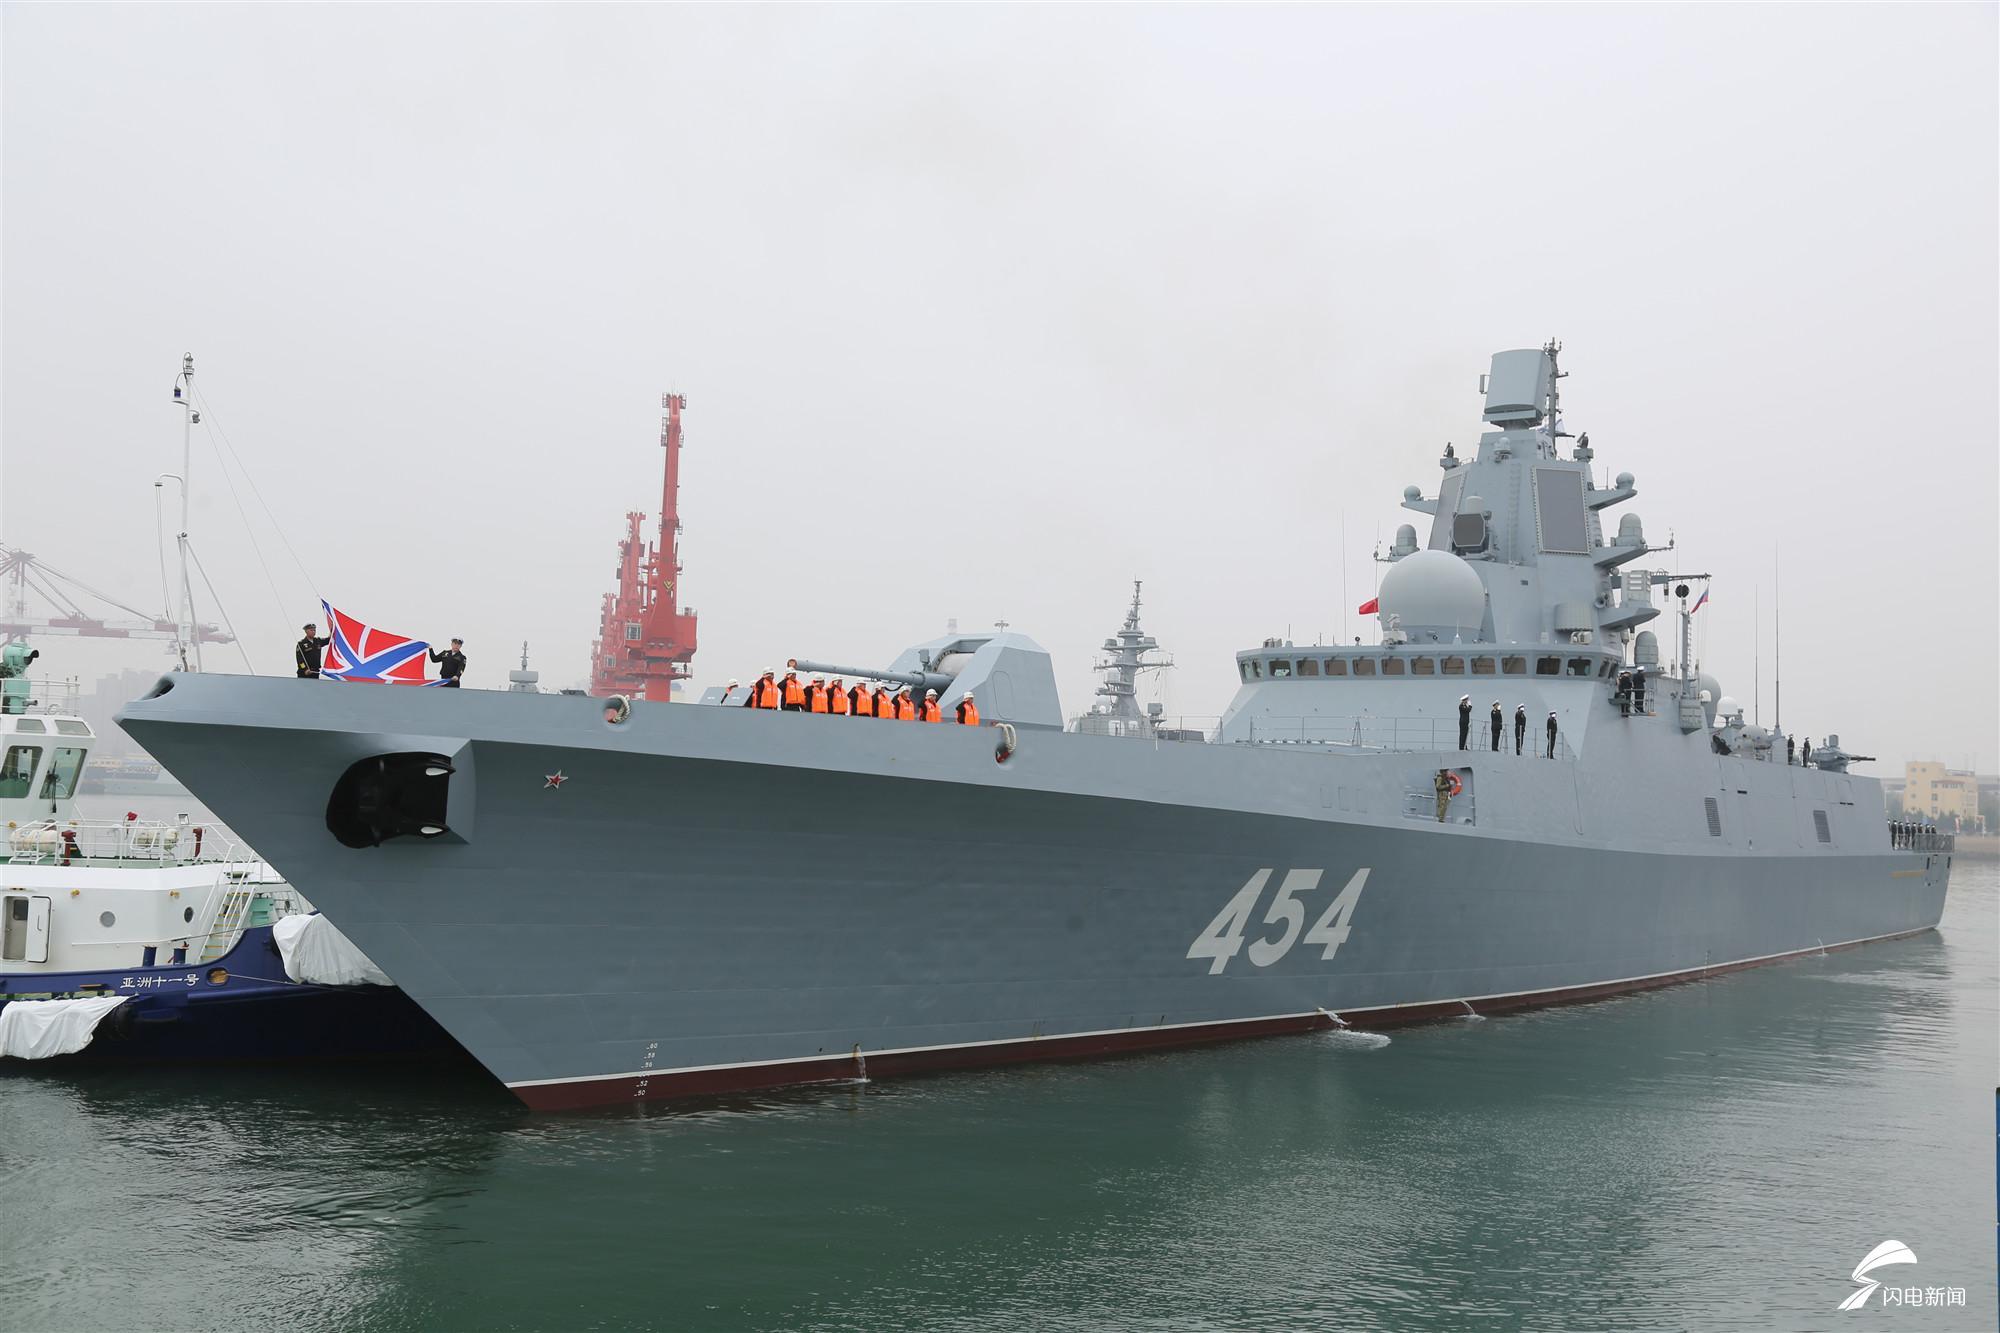 """T1俄罗斯海军北方舰队22350型首舰454号""""戈尔什科夫海军元帅""""护卫舰靠港.JPG"""